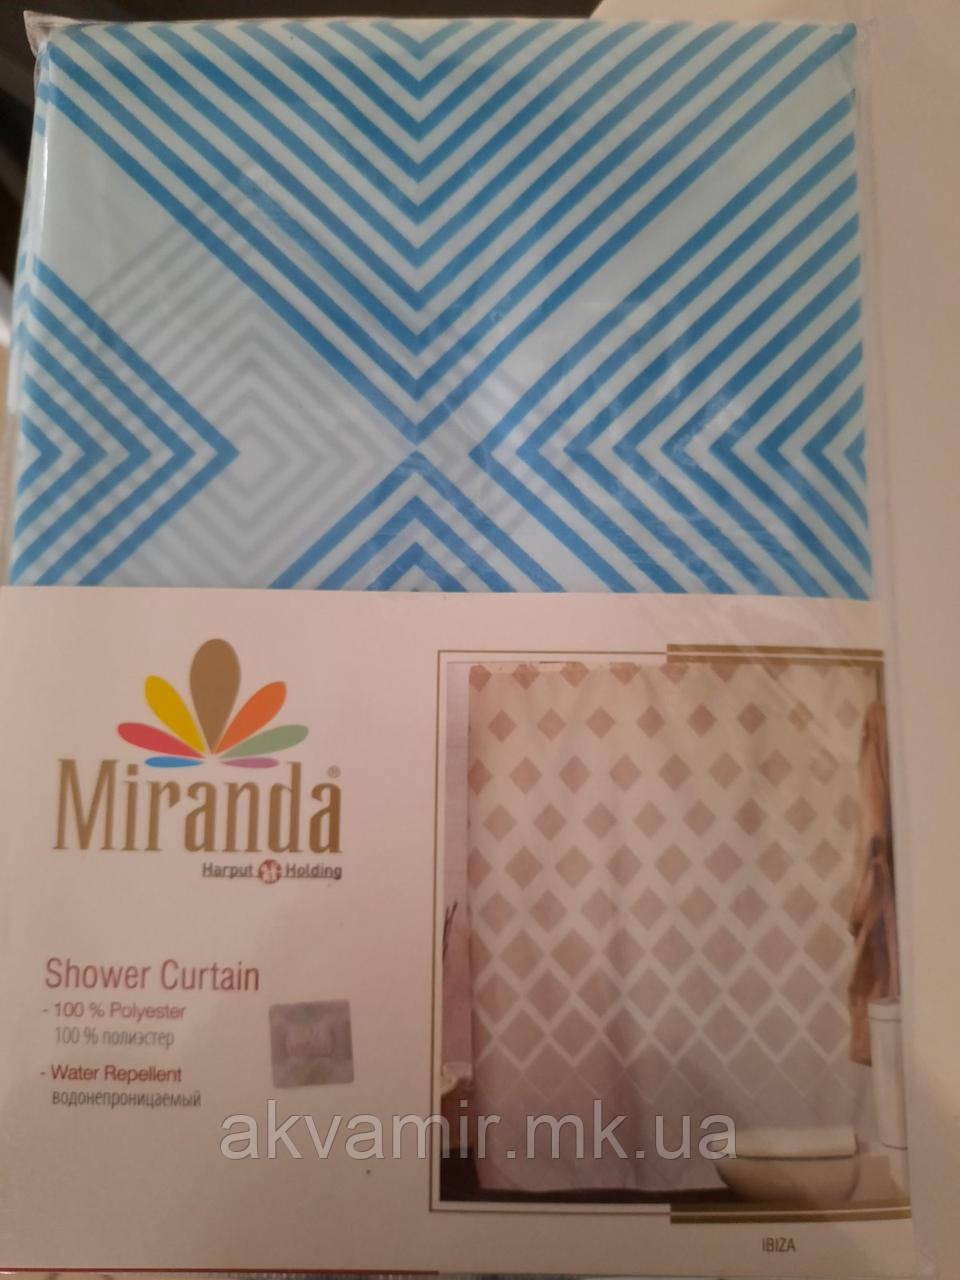 Штора для ванної Miranda Ibiza (Туреччина) 180х200 см блакитна